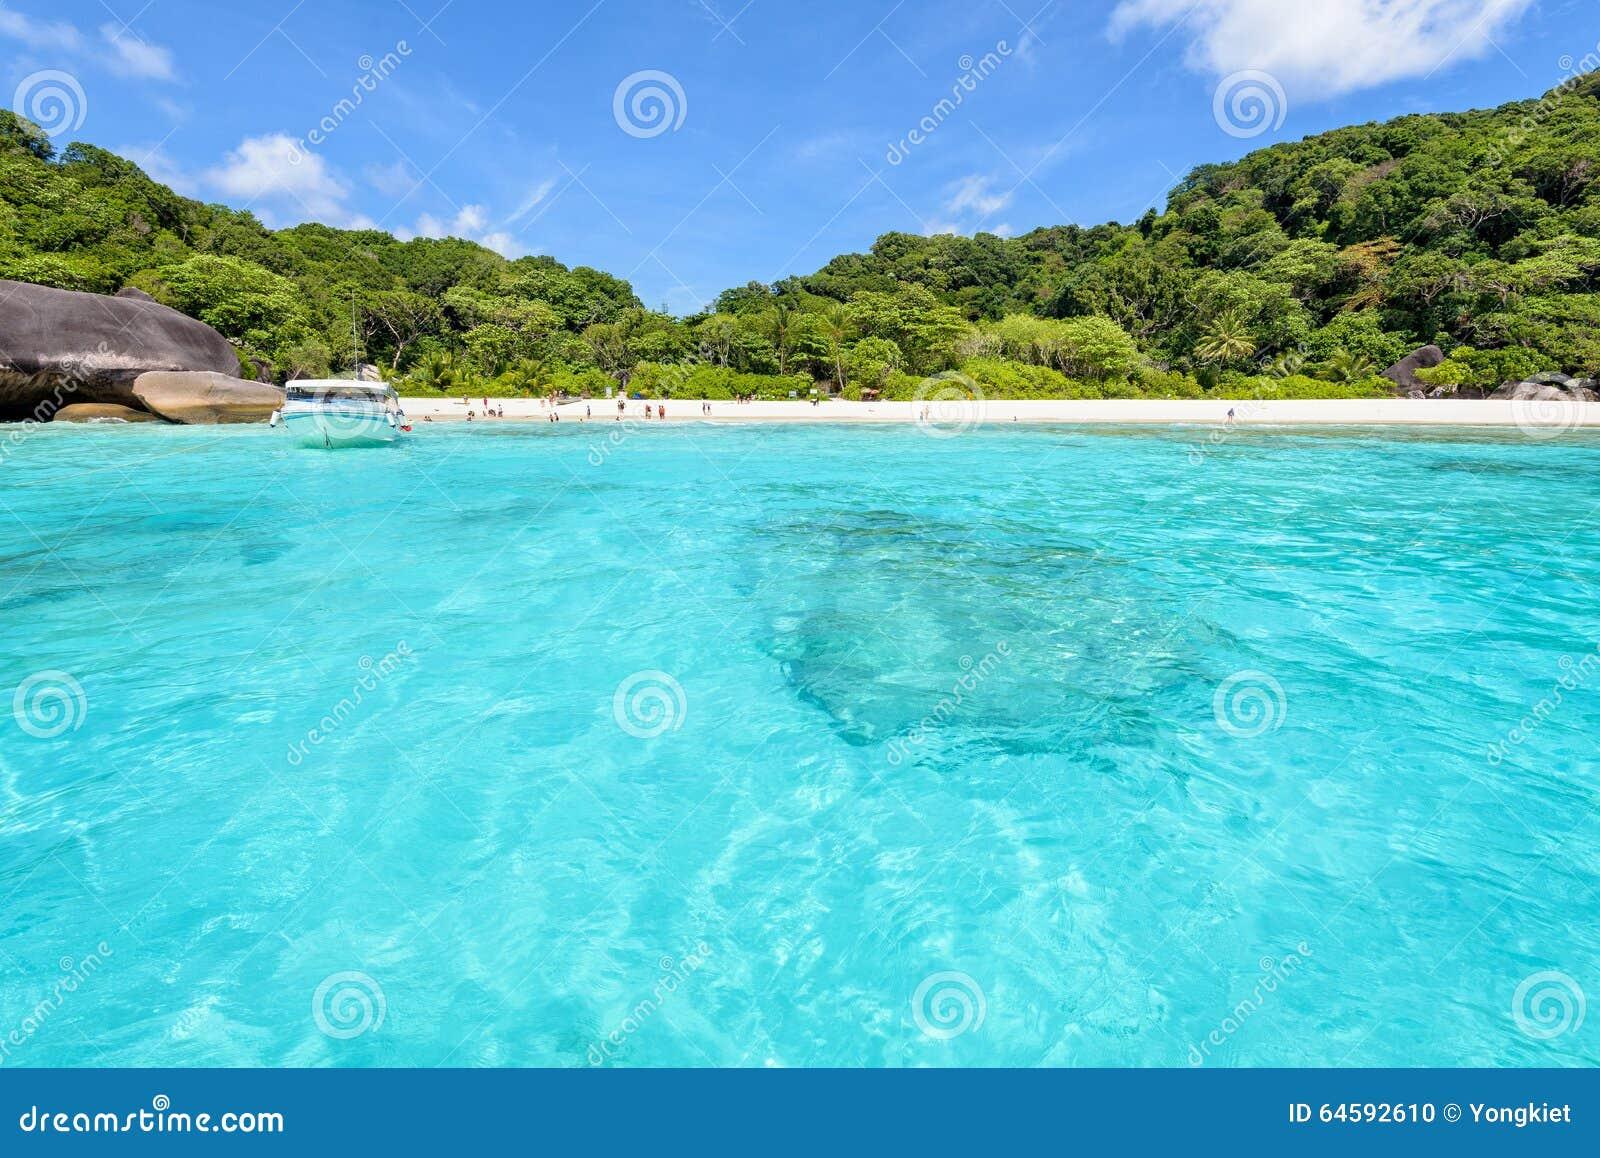 Parte dianteira da praia da baía nas ilhas de Similan em Tailândia